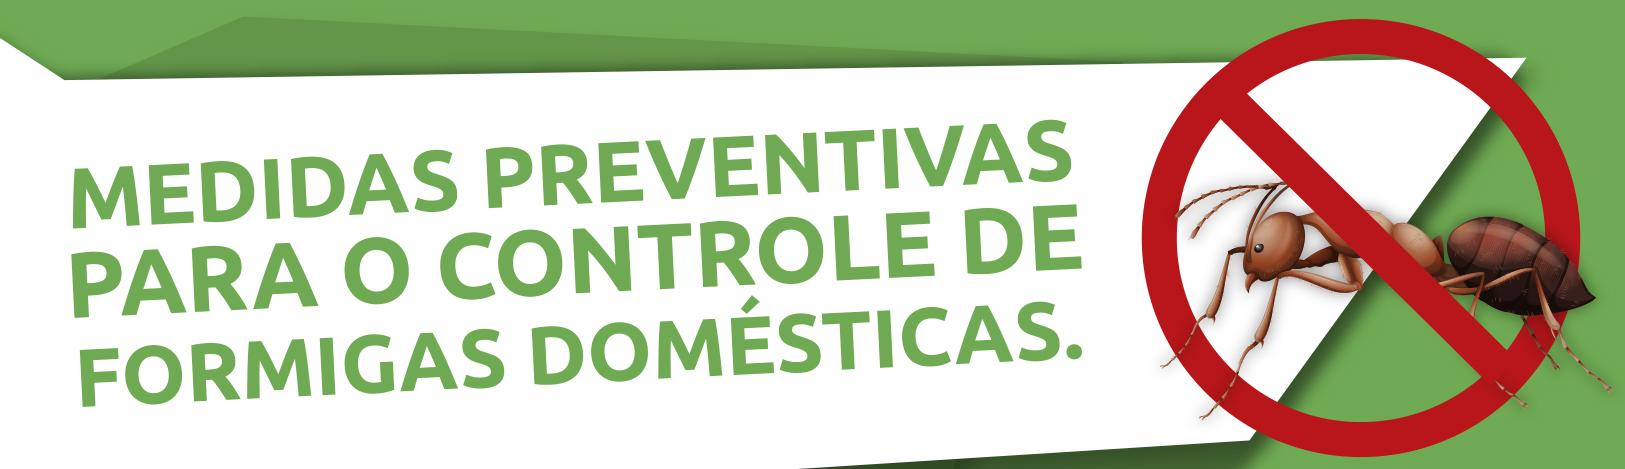 Medidas Preventivas para o Controle de Formigas Domésticas